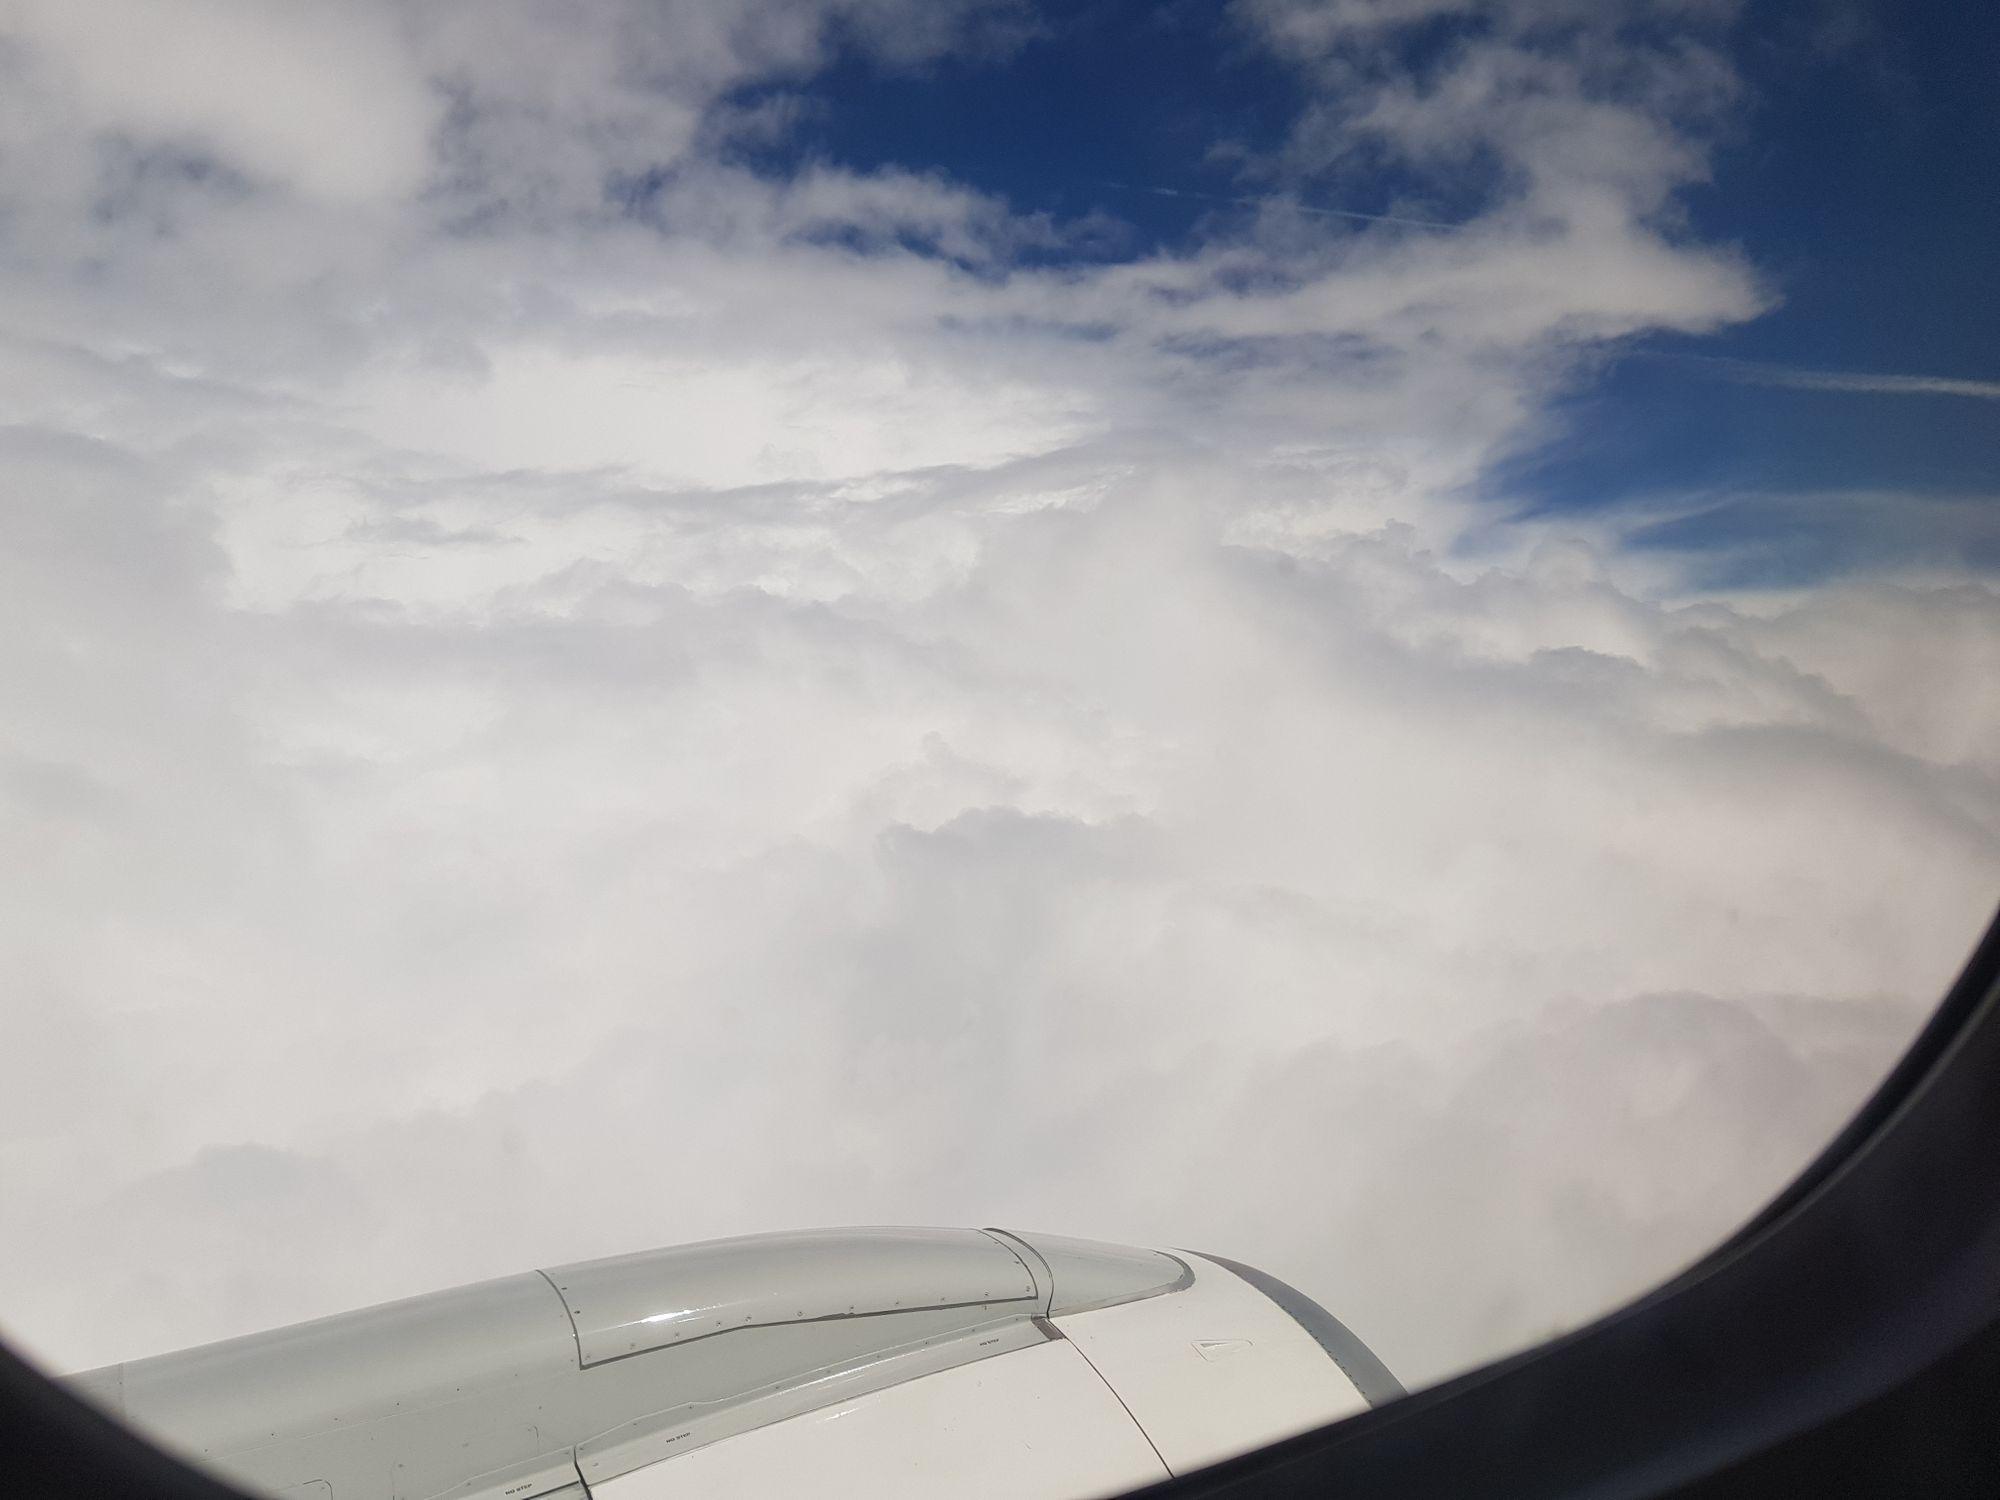 Wolken und das Triebwerk des Flugzeugs aus dem Fenster fotografiert.